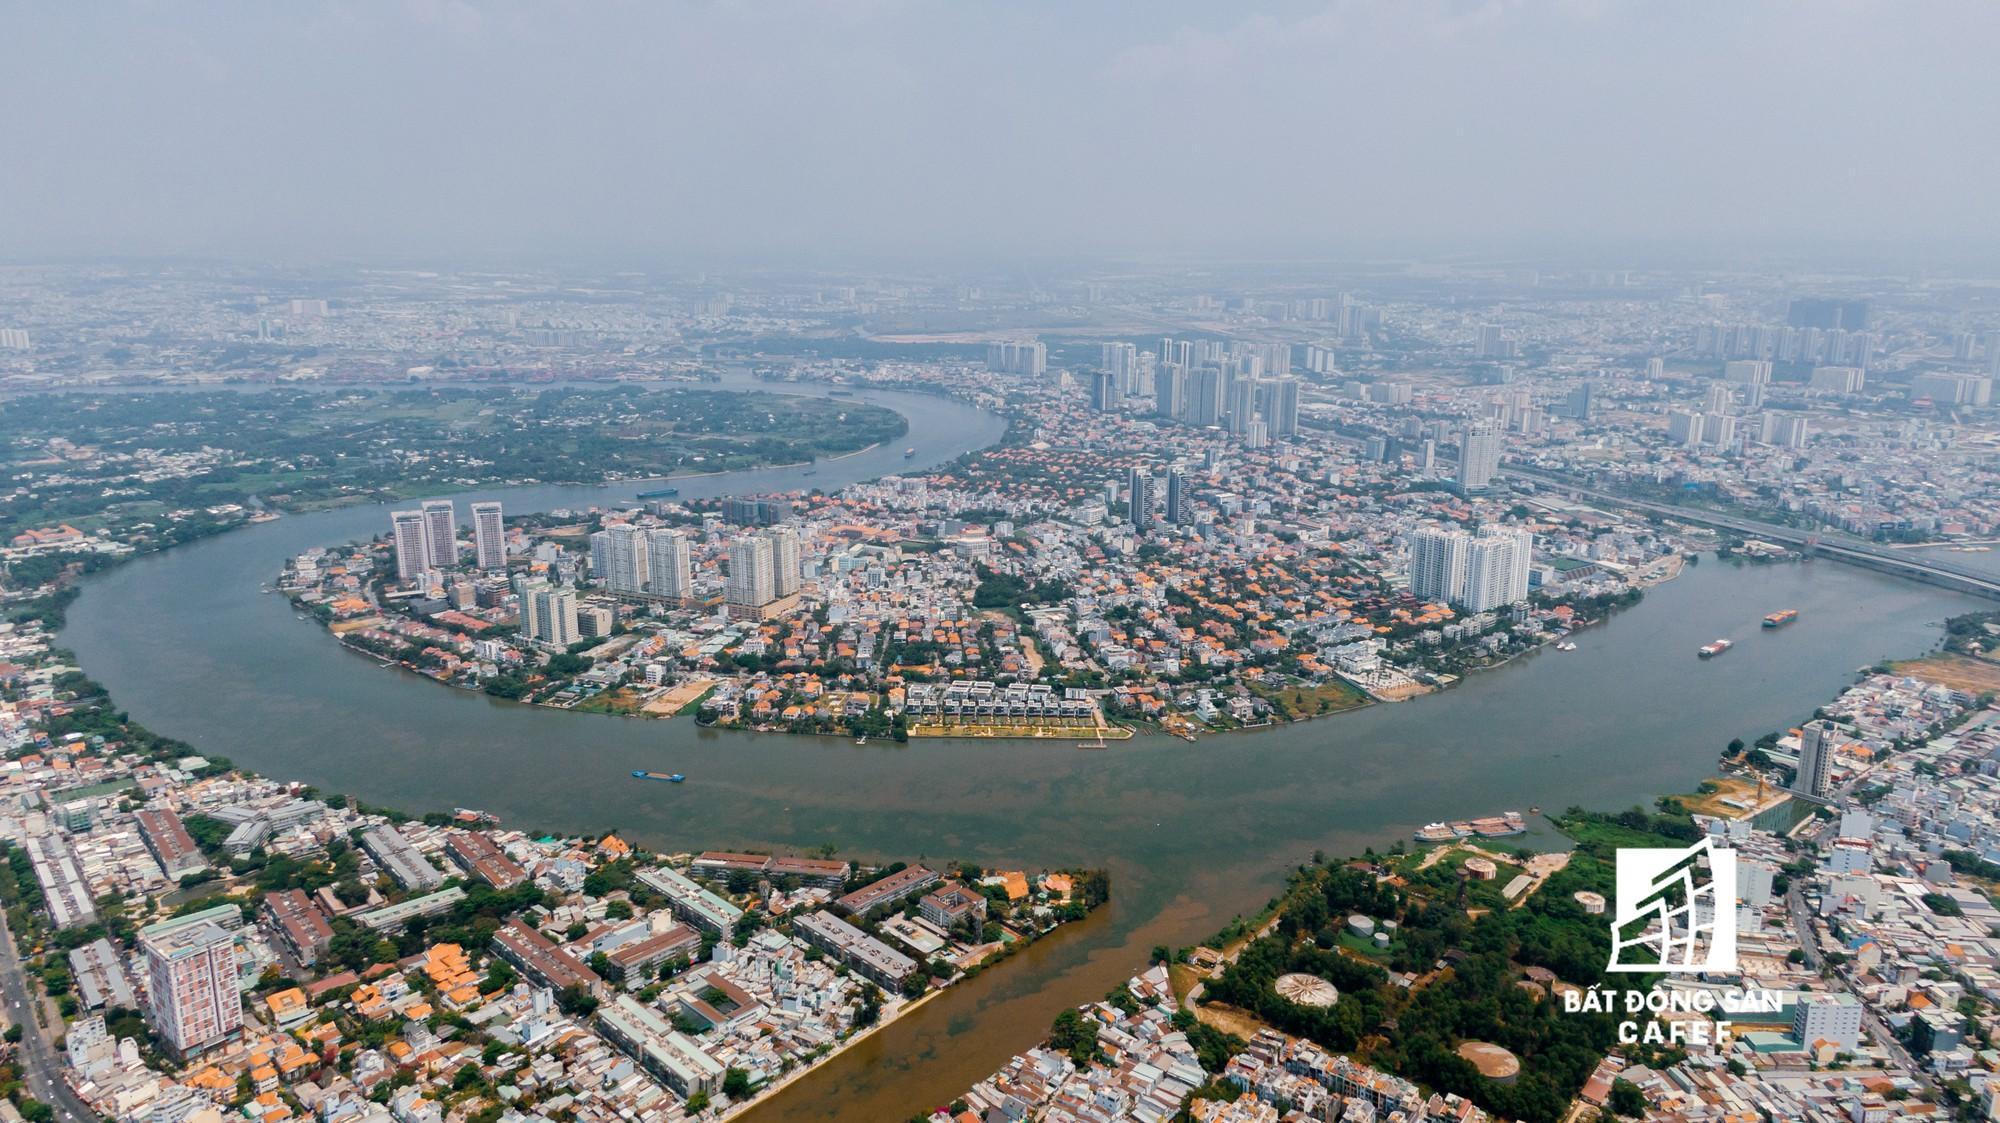 Nhà giàu cũng khóc trong những khu biệt thự sang chảnh bậc nhất Sài Gòn - Ảnh 1.